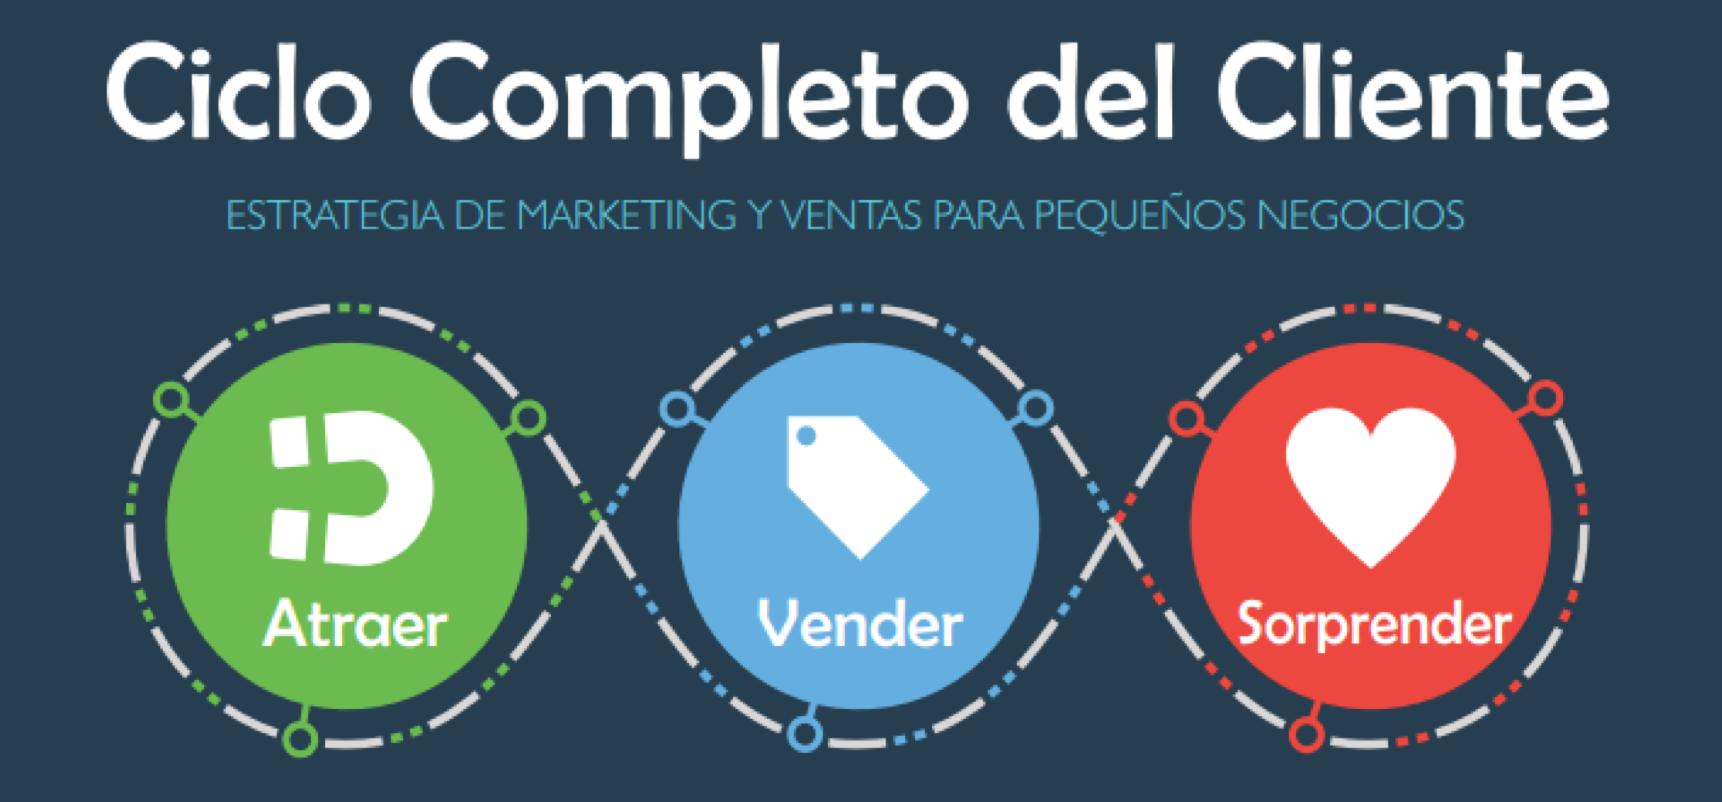 Marketing en automático - Ciclo Completo del Cliente